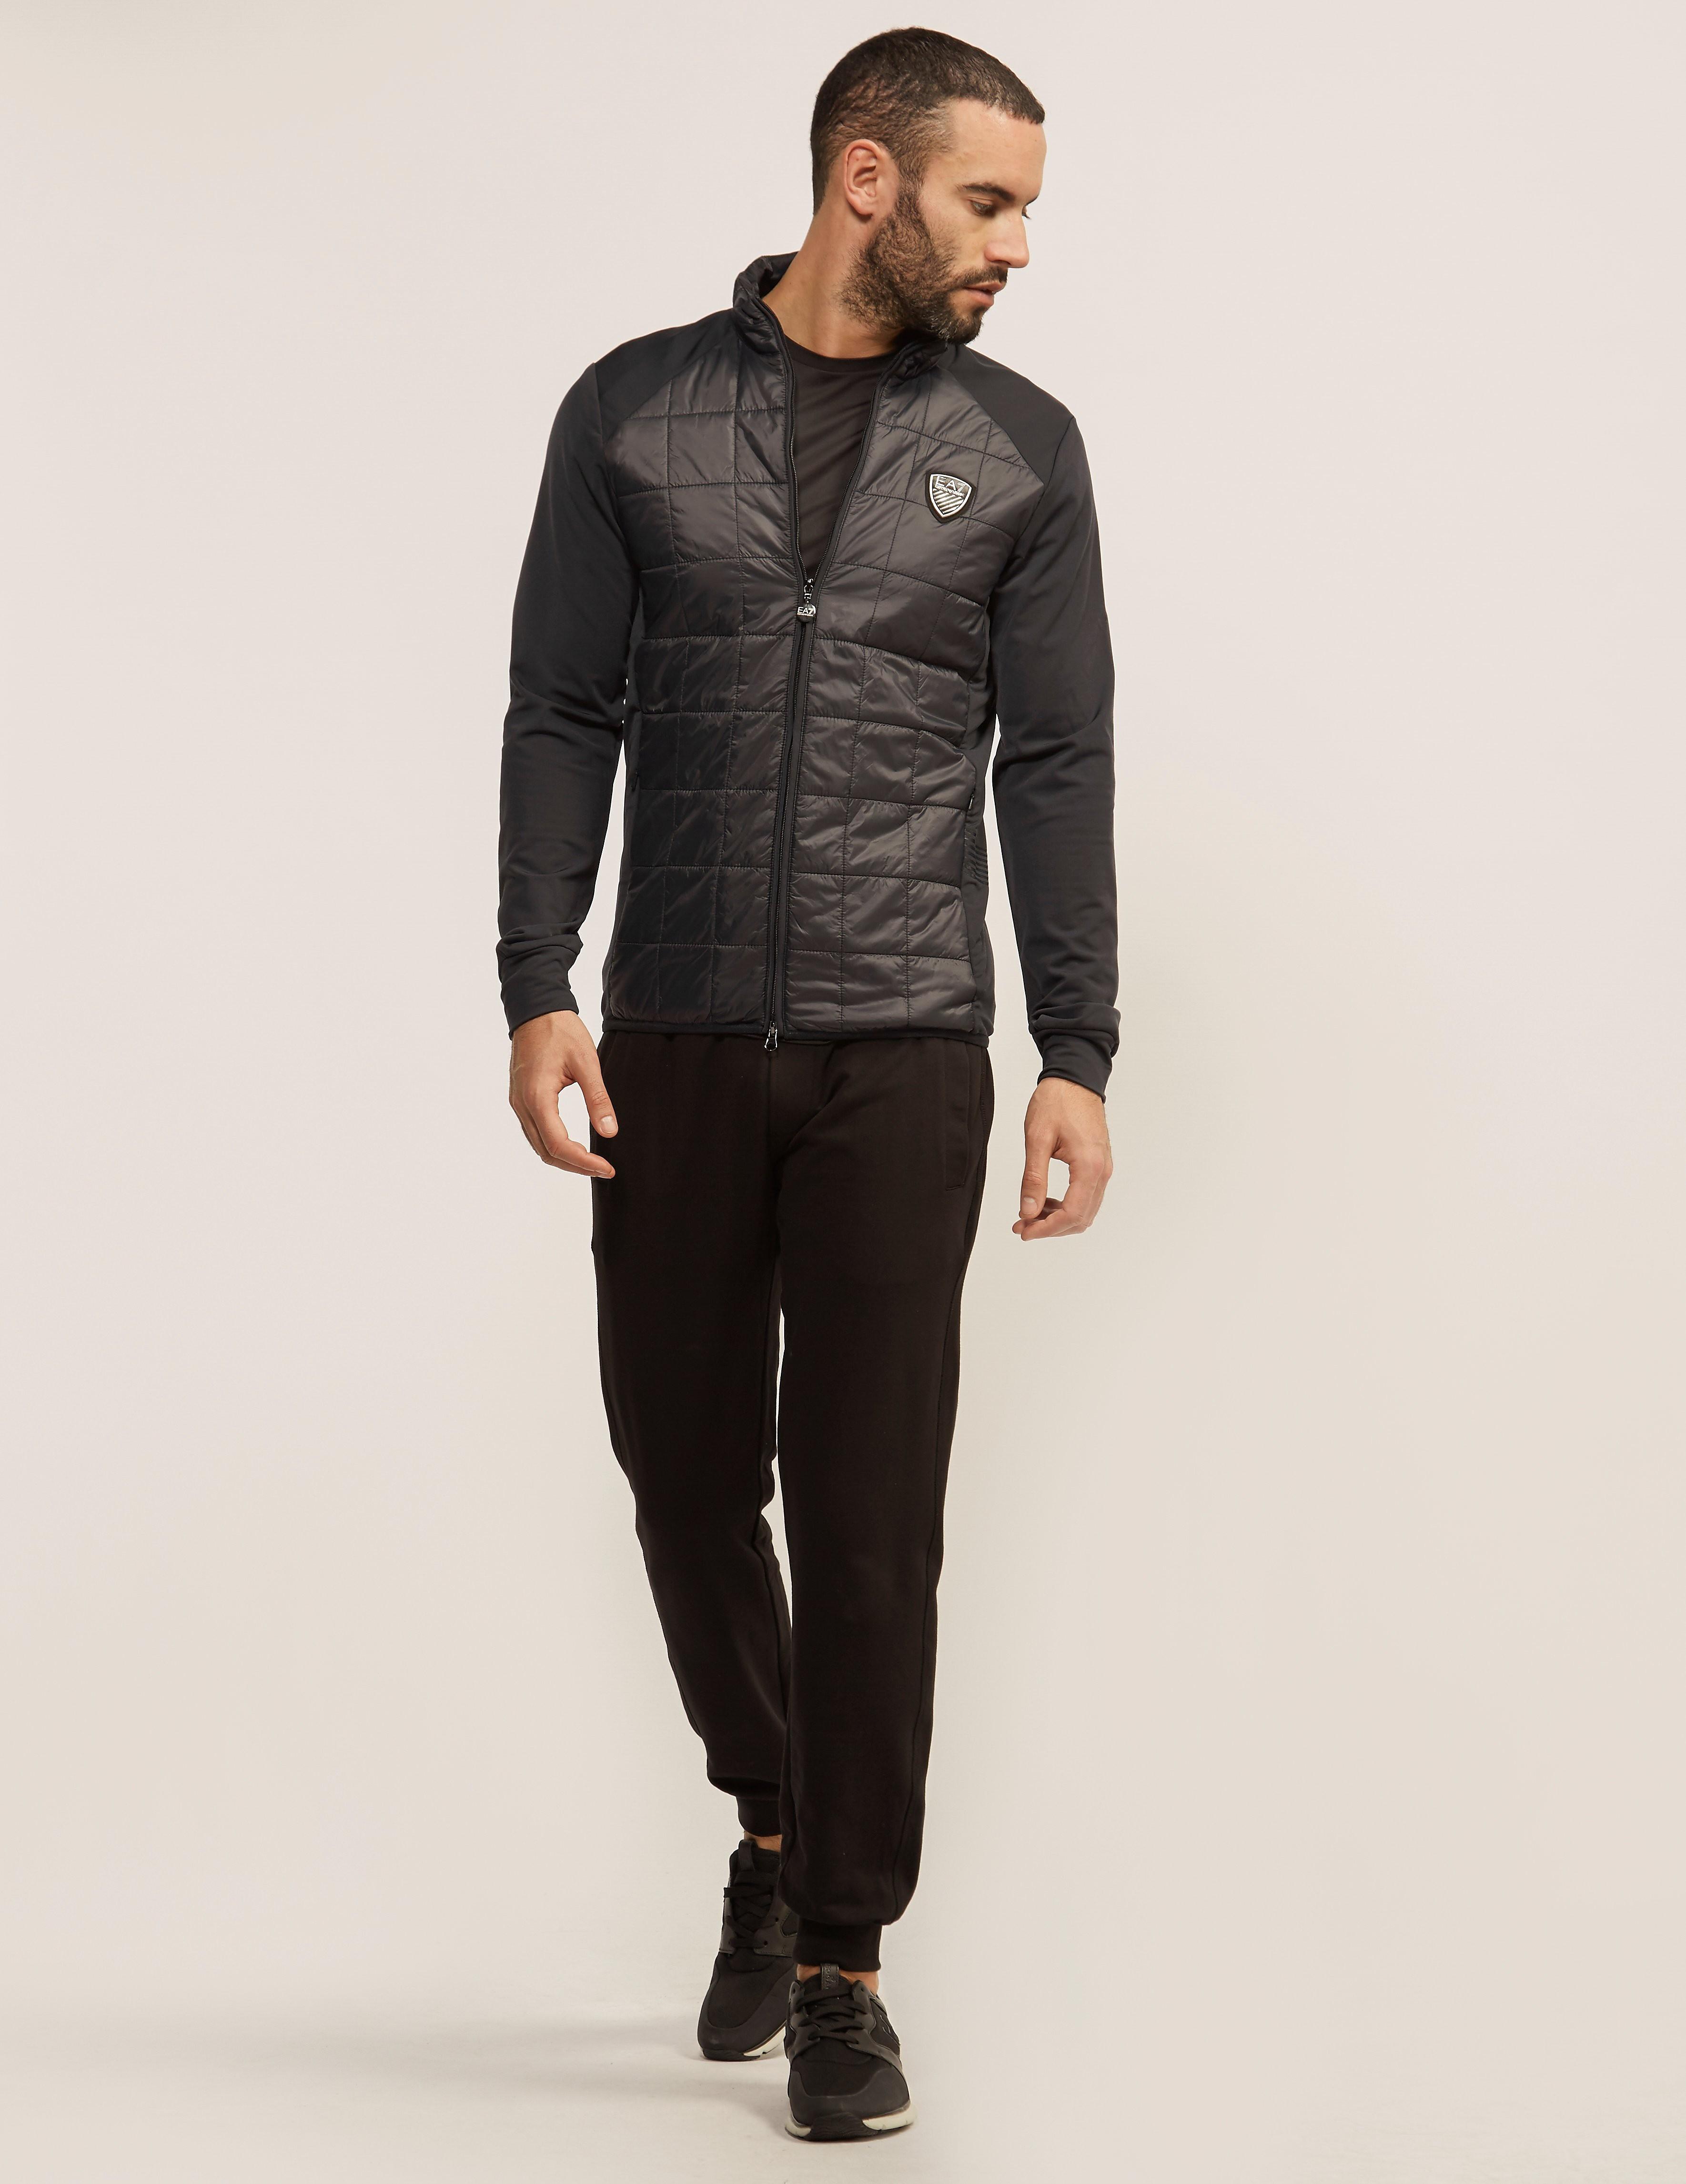 Emporio Armani EA7 Shield Jacket